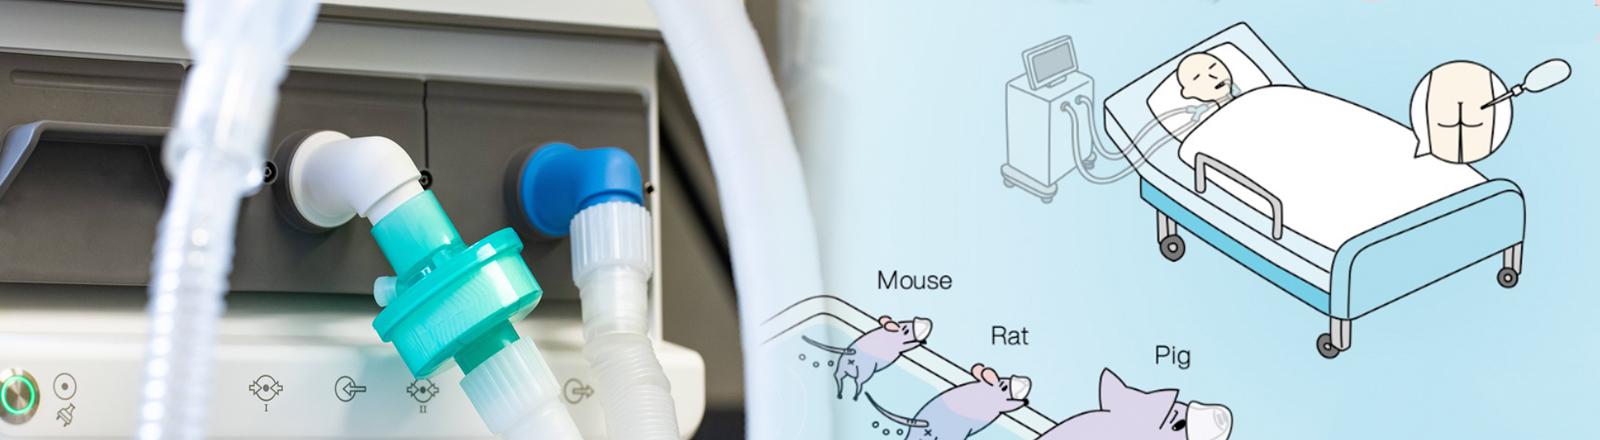 Links Beatmungsschläuche, rechts ein grafisches Modell einer rektalen Beatmungsmethode